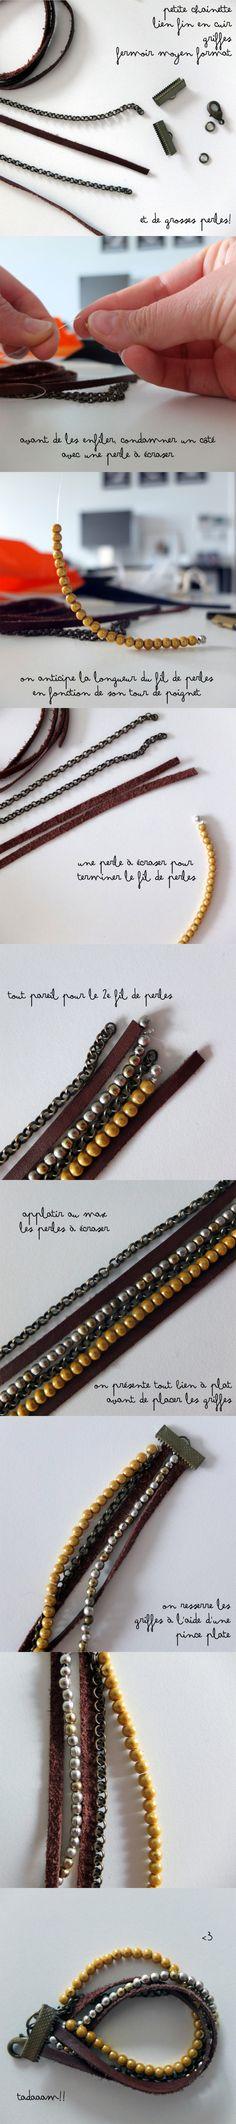 Tuto Bracelet °° Du Cuir et des Perles ! #DIY #bangle #kutchetcouture